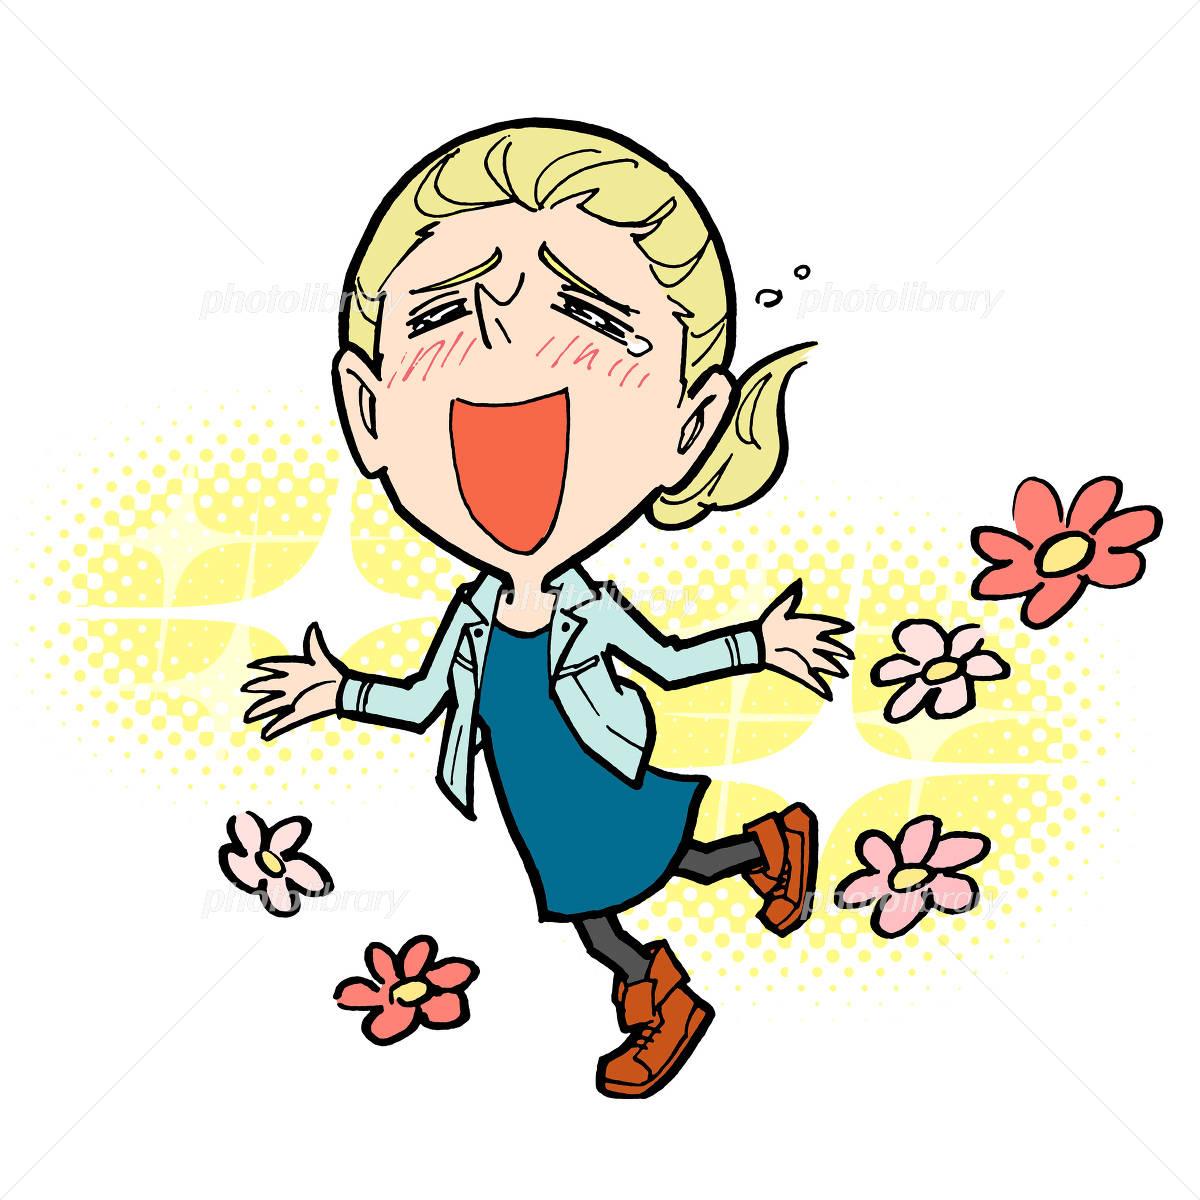 大喜びする外国人女性 イラスト素材 4899556 フォトライブ